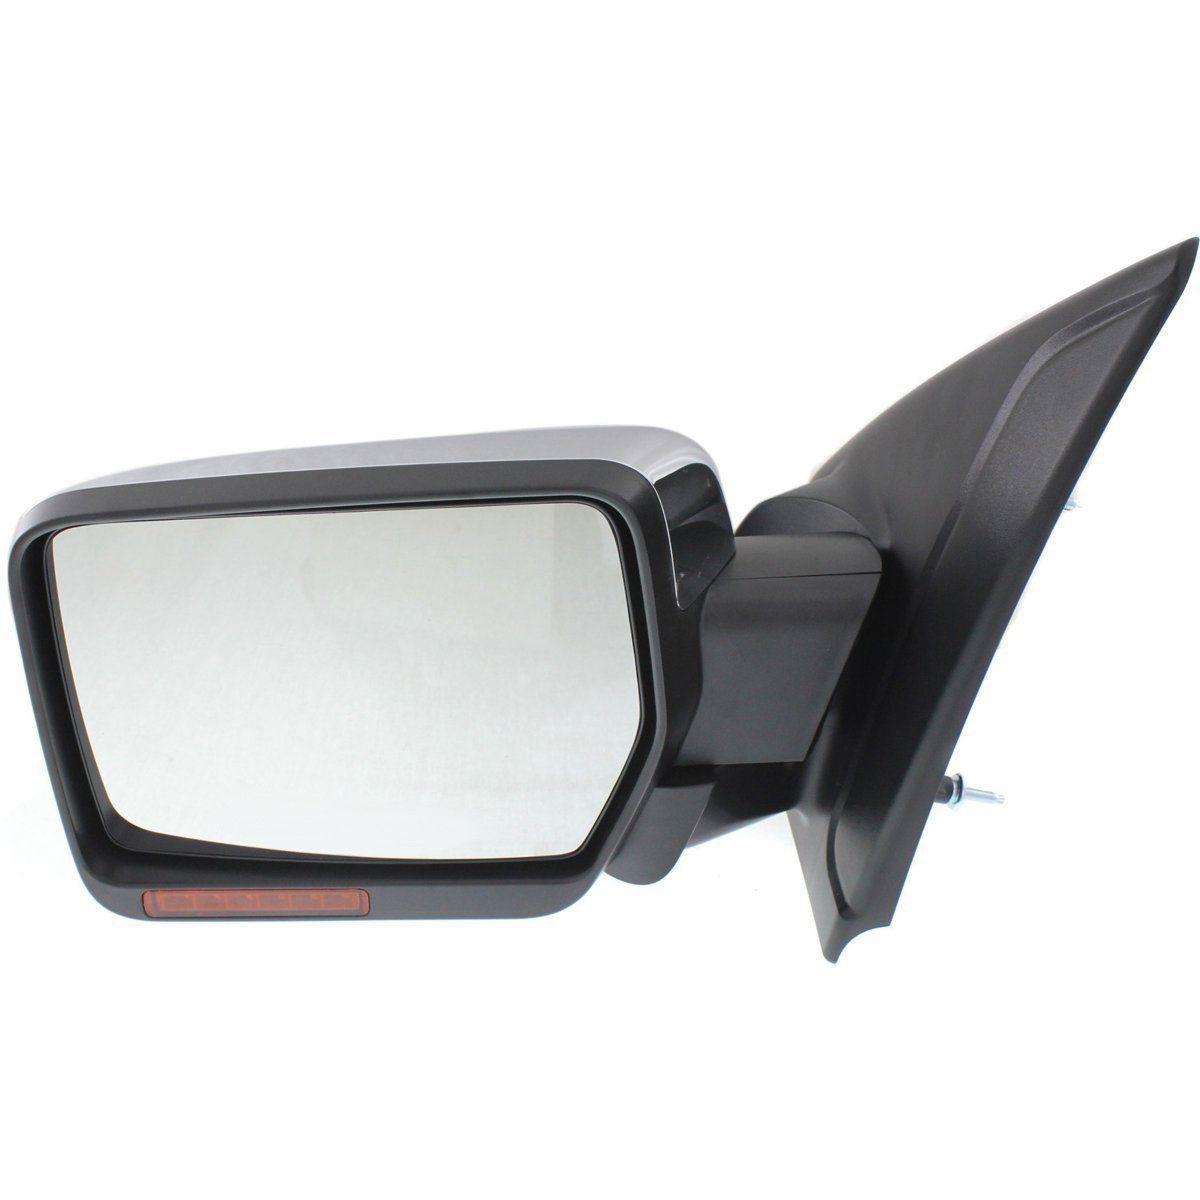 ミラー New Driver/Left Side Power Heated Puddle Light Chrome Door Mirror for Ford F-150 新しいドライバー/左サイドパワーは、フォードF - 150のための熱いパドルライトクロームドアミラー